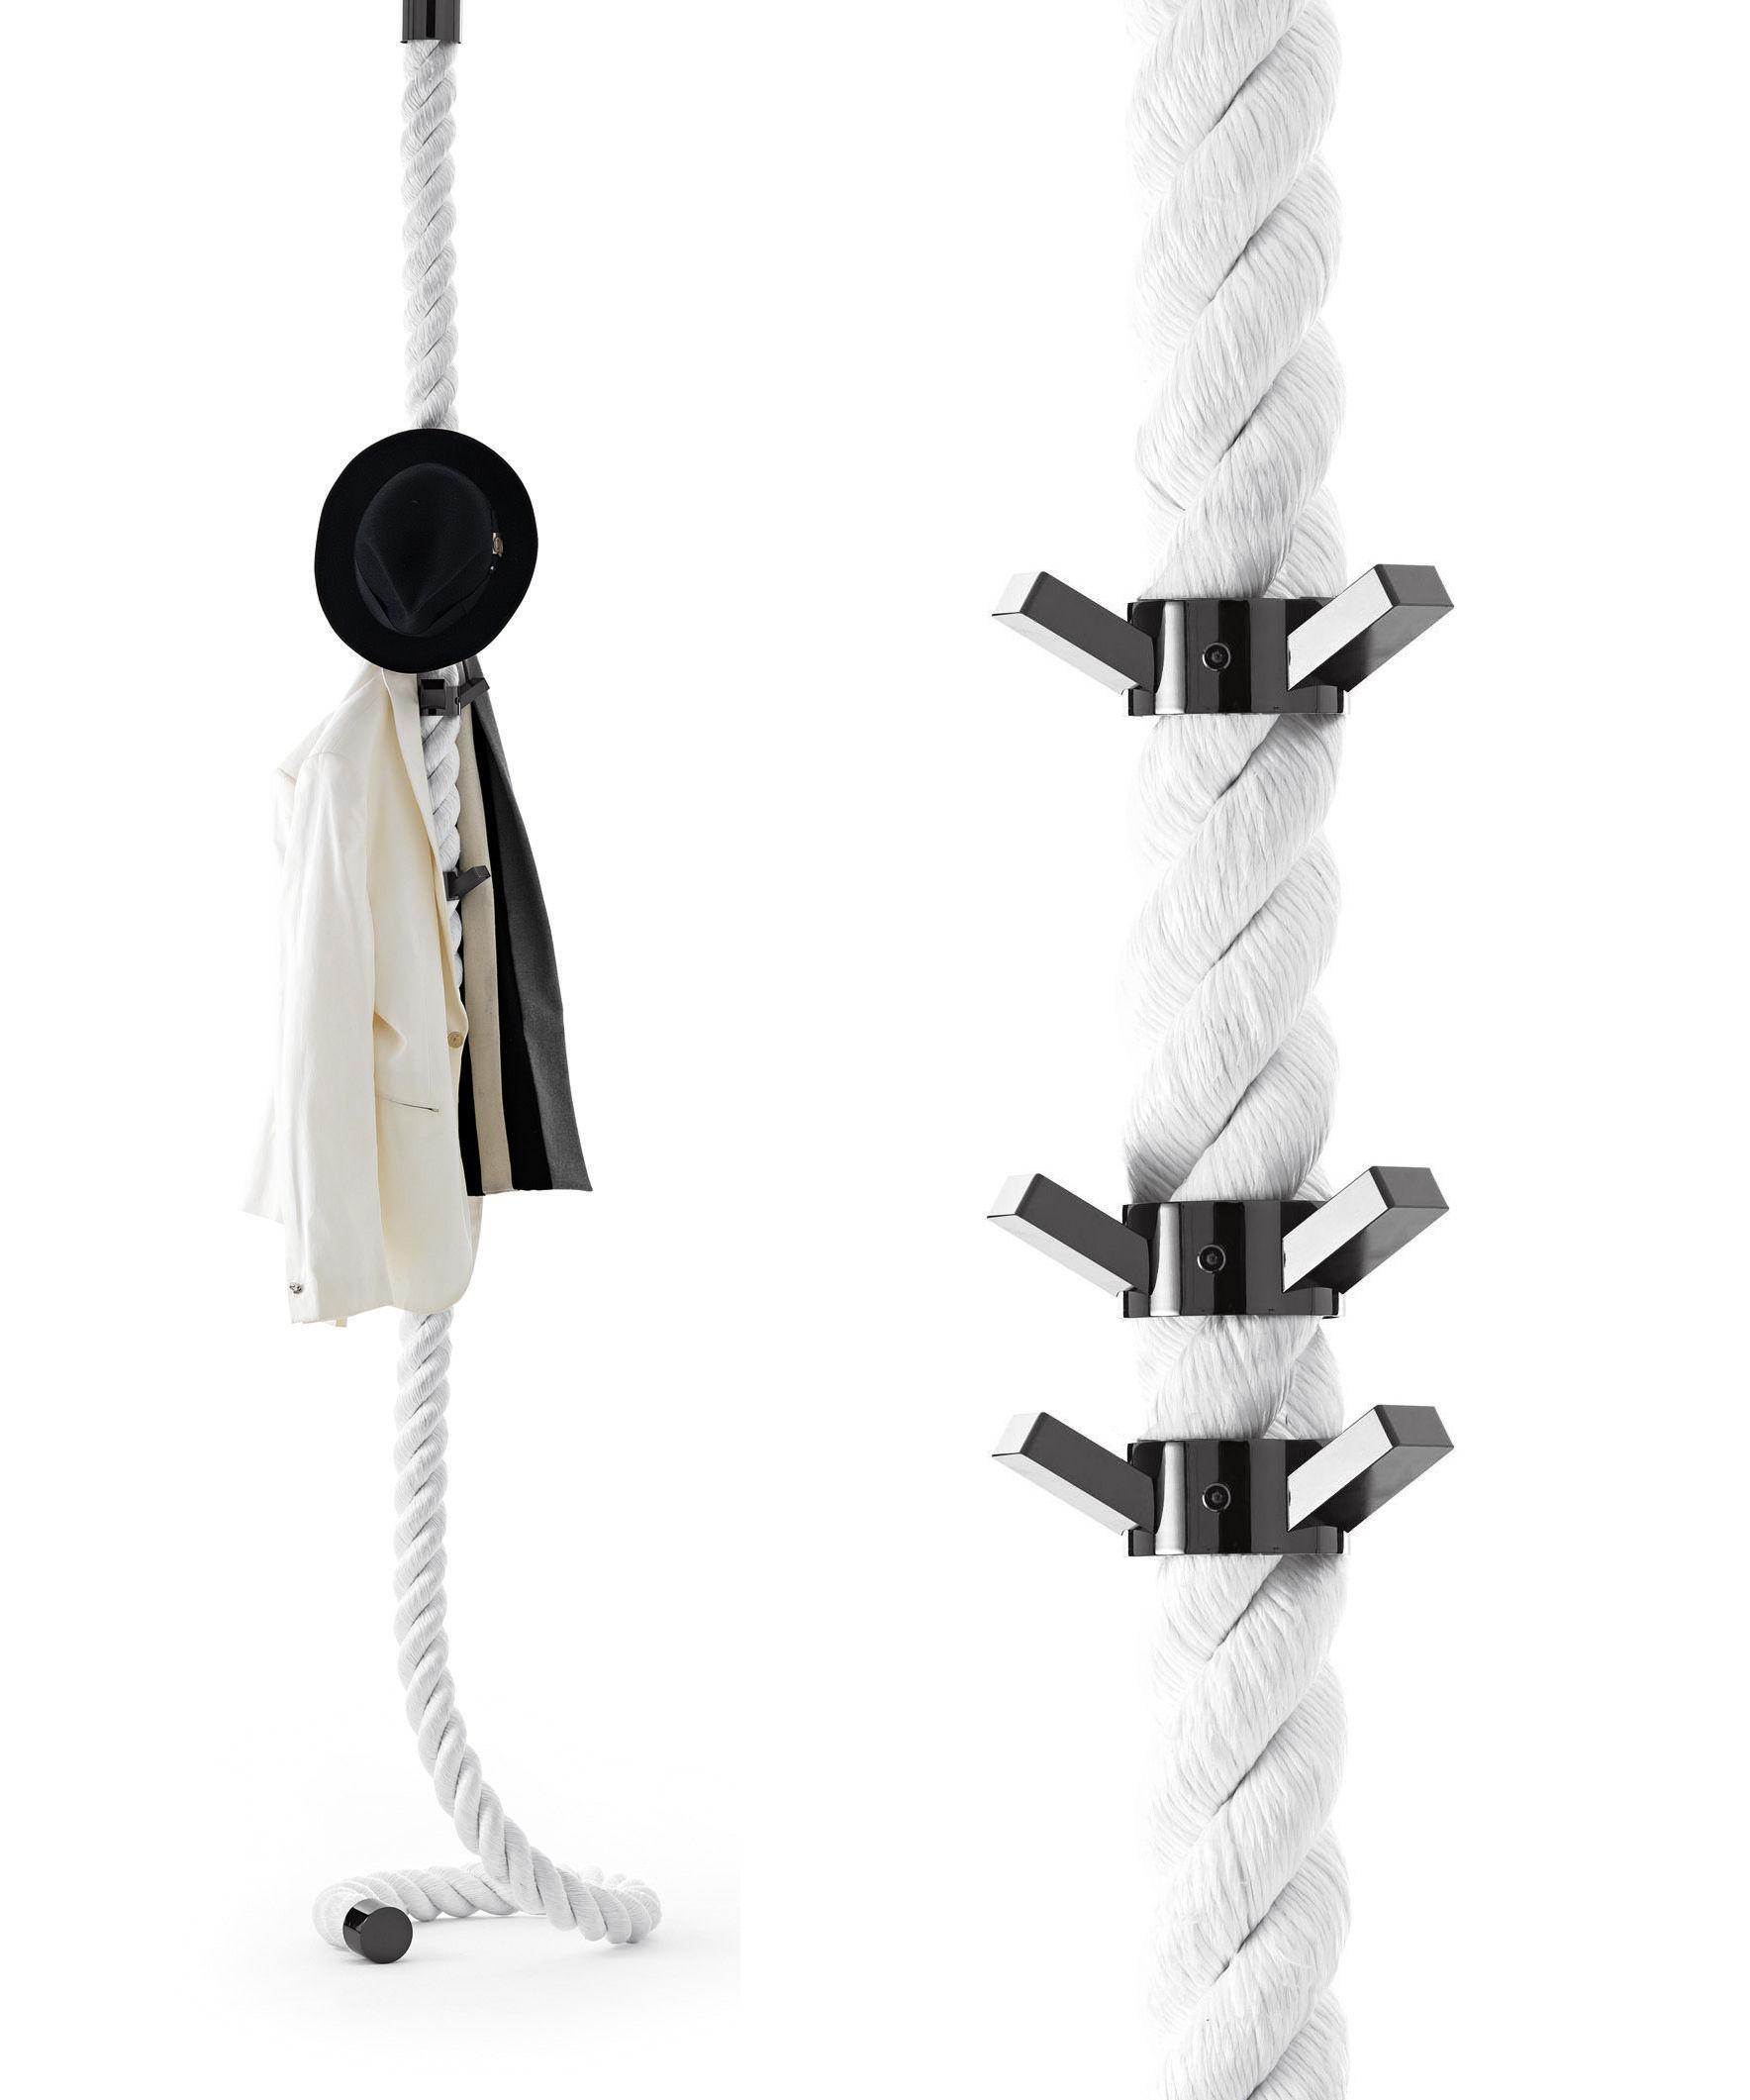 Möbel - Garderoben und Kleiderhaken - La Cima Garderobe / wird an der Wand befestigt - 6 Haken - Opinion Ciatti - Weiß / Haken schwarz - Gewebe, Metall